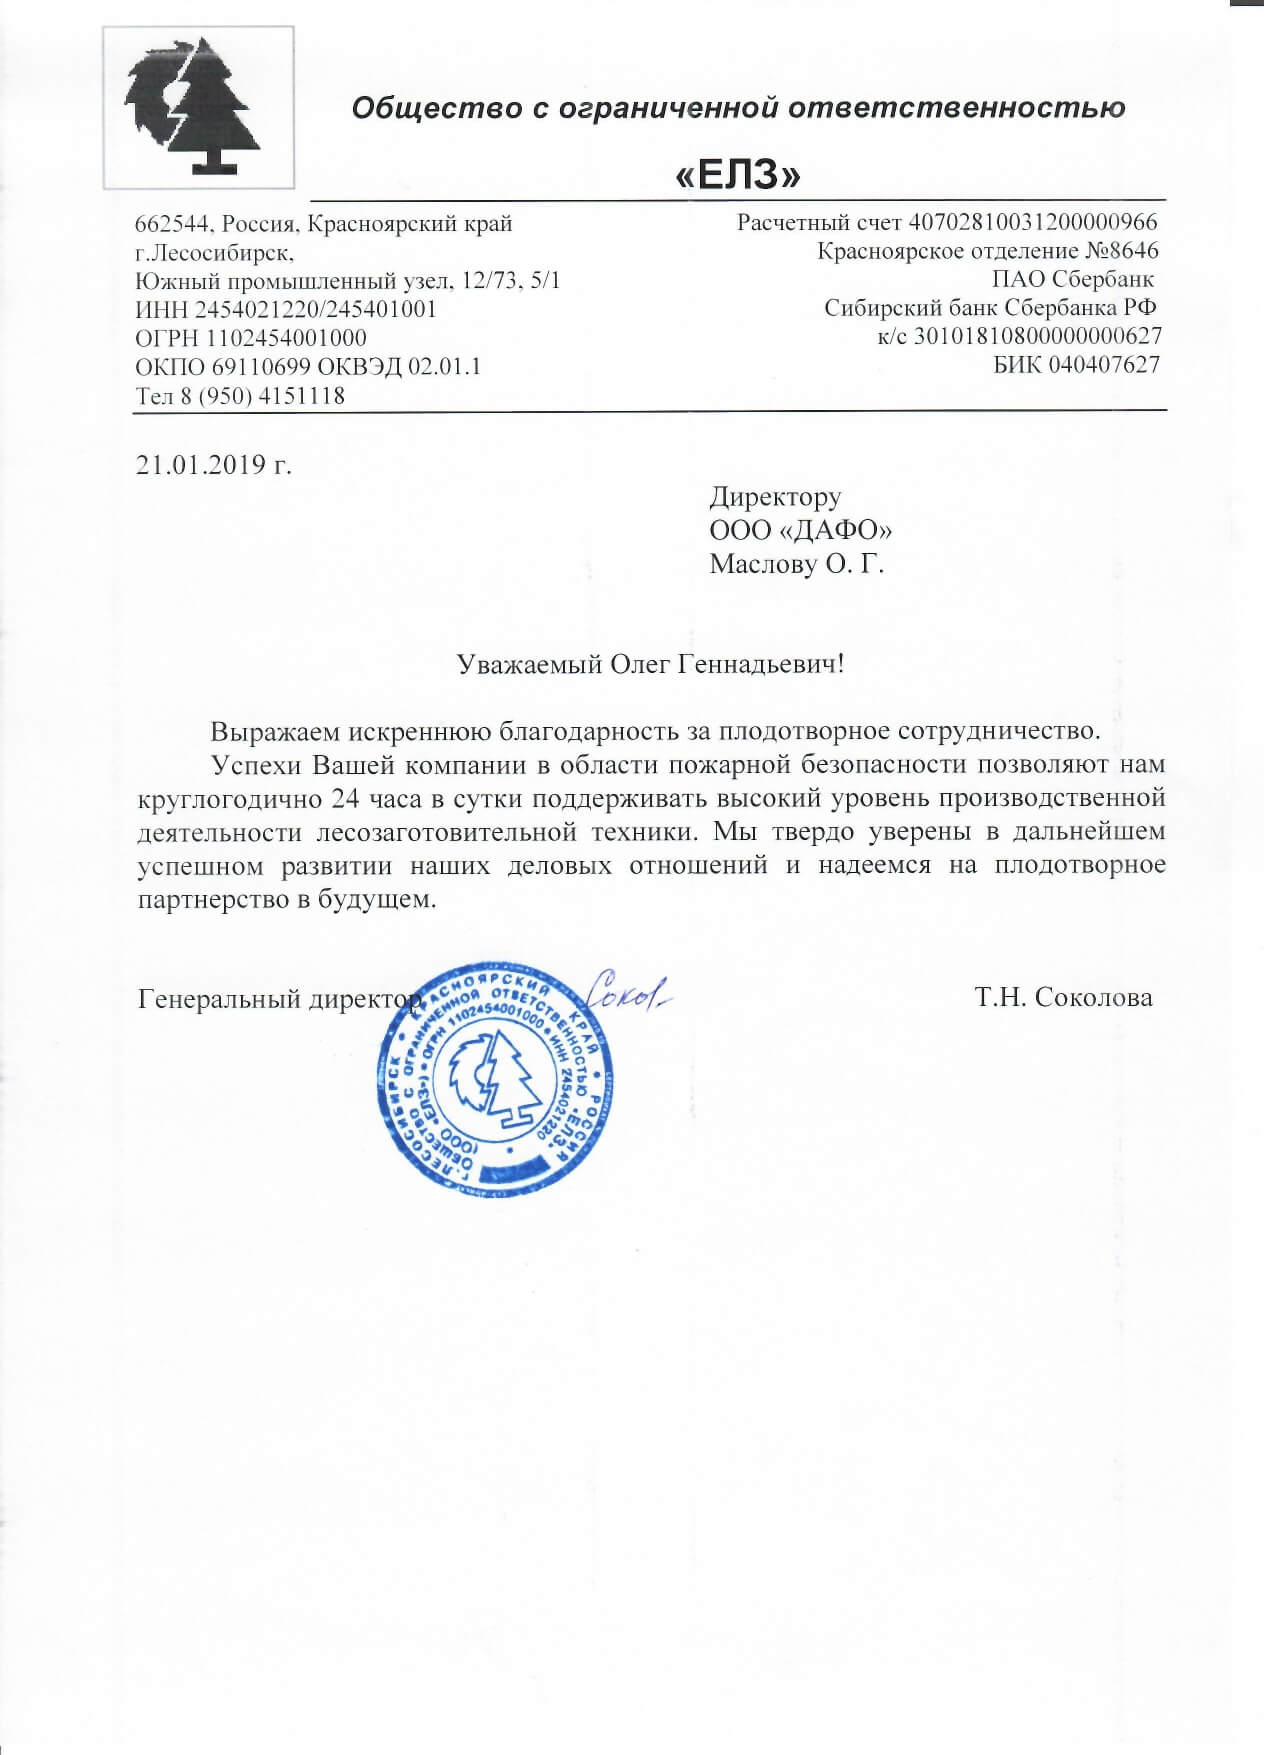 Автоматические системы пожаротушения в Красноярске «Dafo»